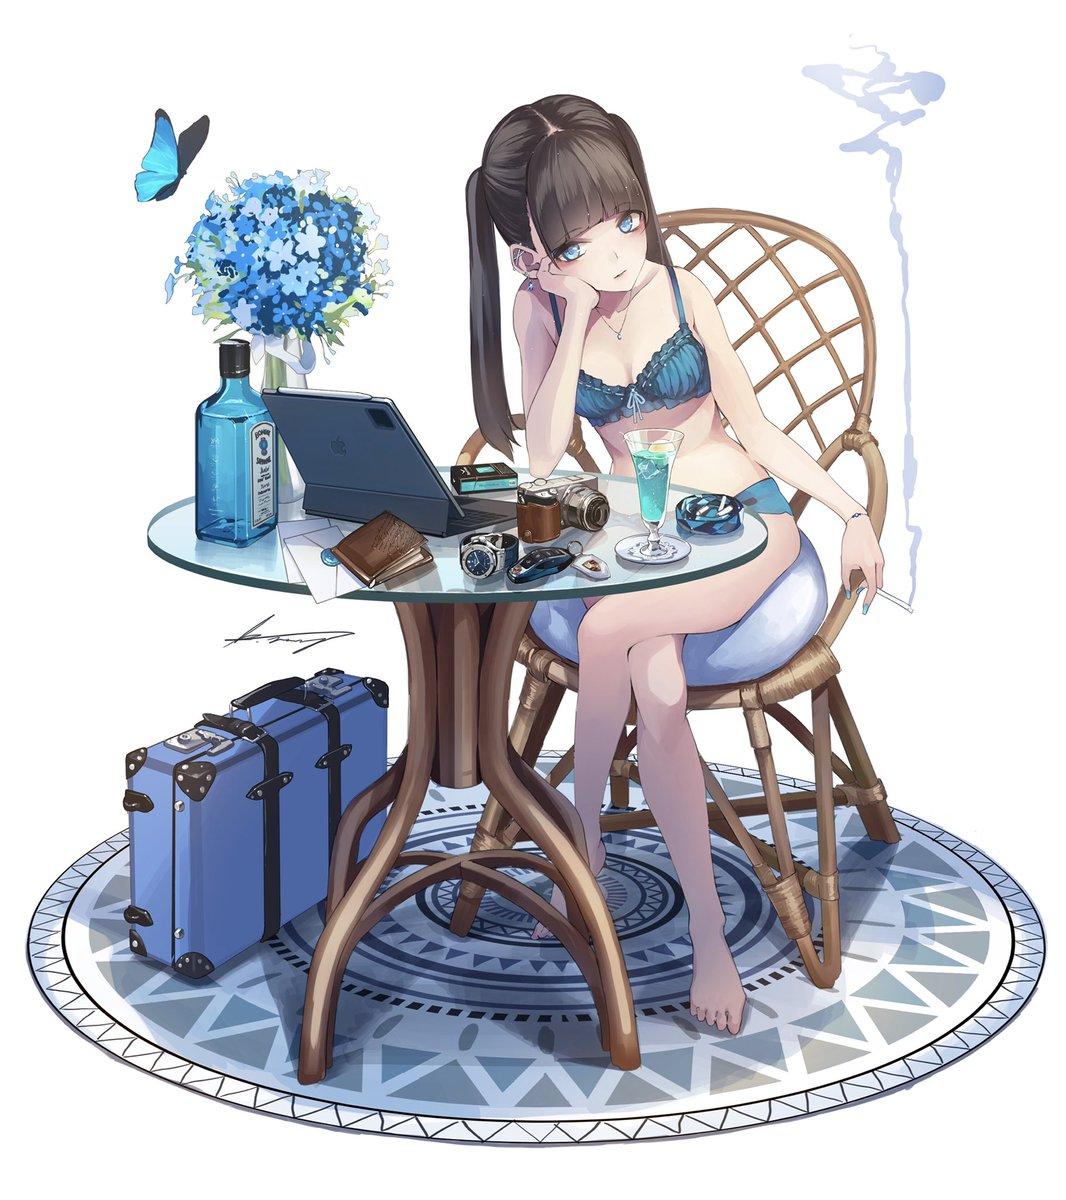 #これを見た人は青色の画像を貼れ 青色の季節だやった(ง ˘ω˘ )ว